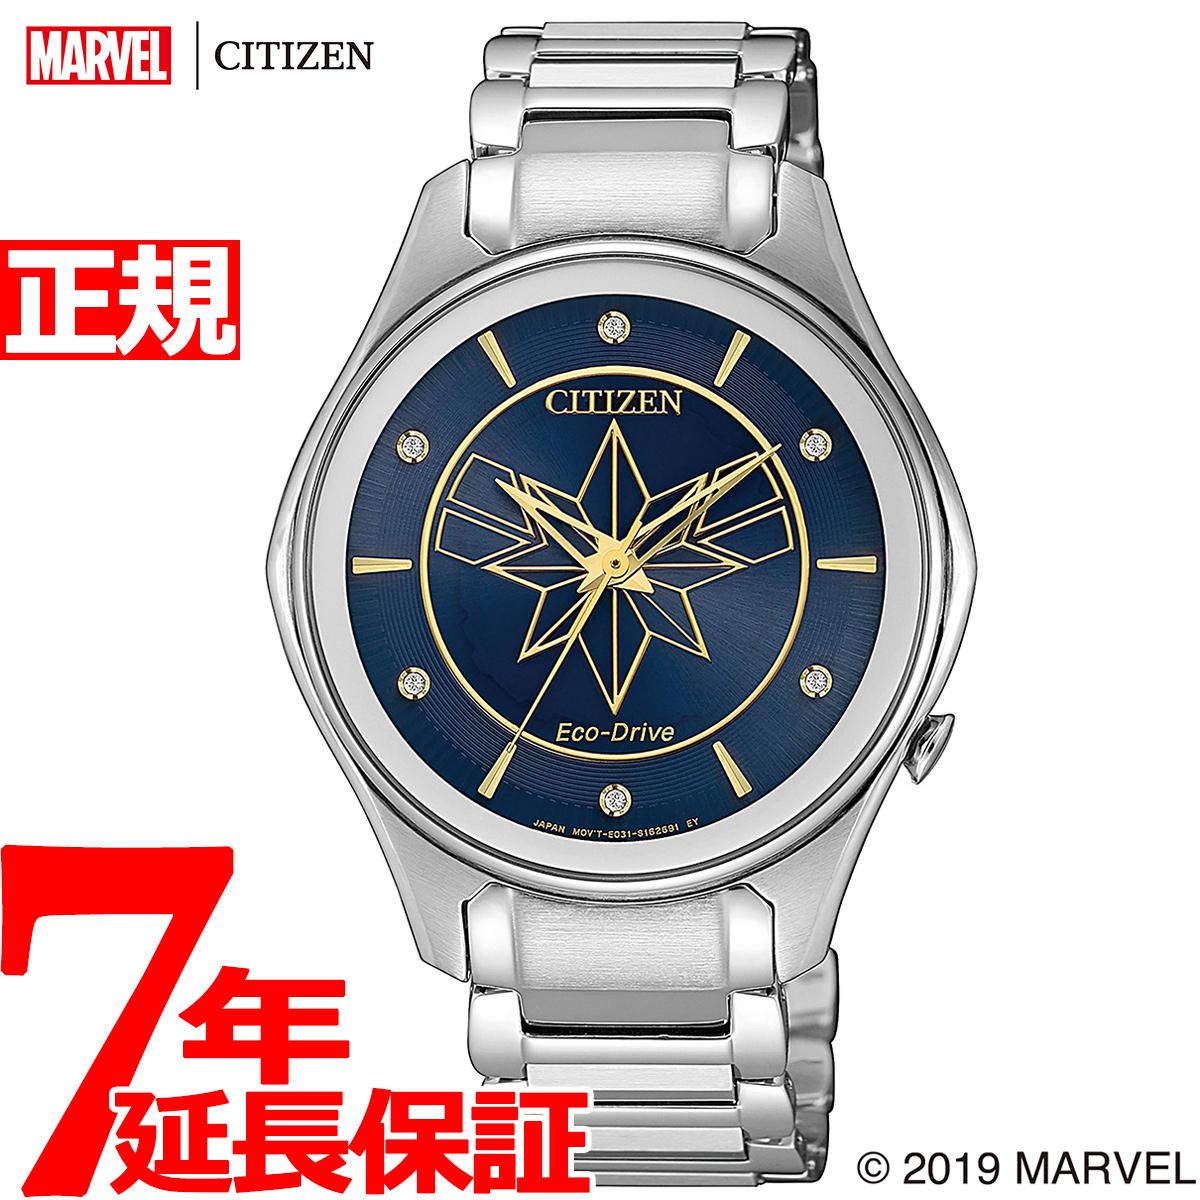 【本日限定!店内ポイント最大60倍&2000円OFFクーポン!10日23時59分まで】マーベル キャプテン・マーベルモデル 腕時計 シチズン エコドライブ 特定店取り扱いモデル MARVEL Captain Marvel CITIZEN レディース EM0596-58W